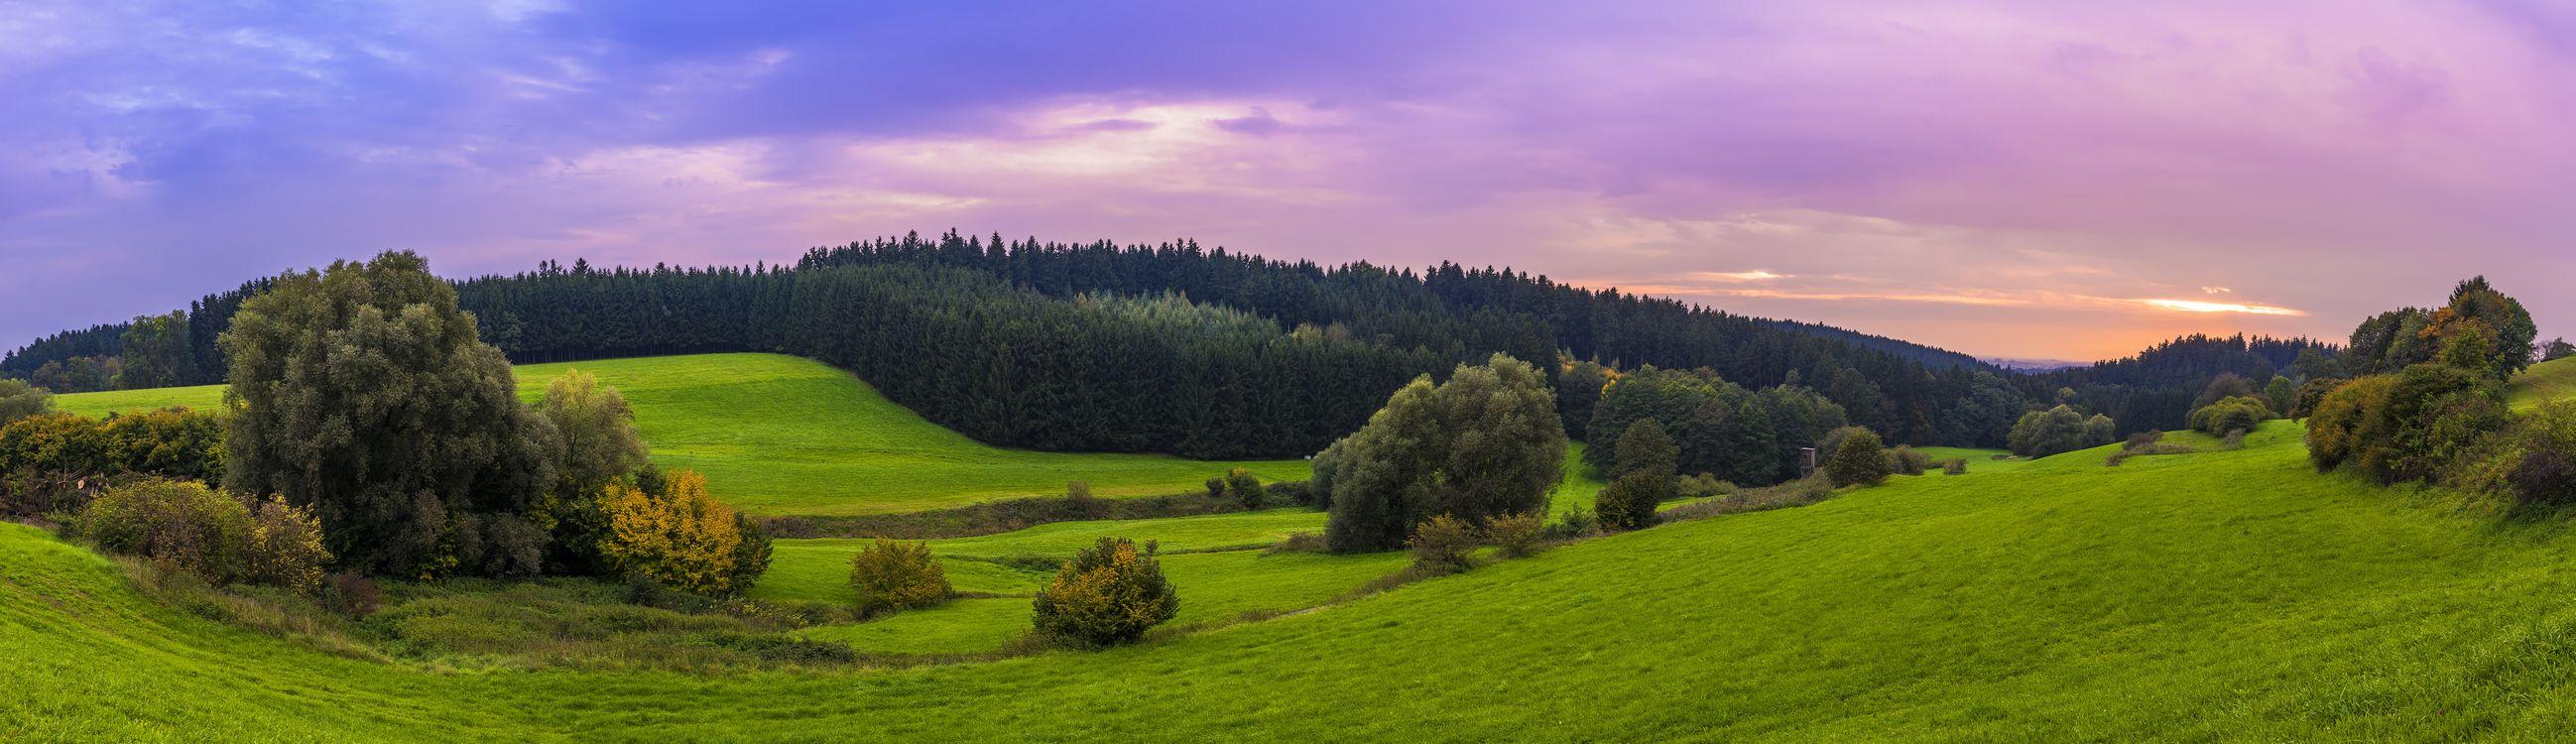 Фото бесплатно небо, пастбище, природа, холм, высокогорный, поле, монтировать декорации, облако, луг, горные рельефы, пустыня, растительность, трава, сельская местность, утро, пейзажи